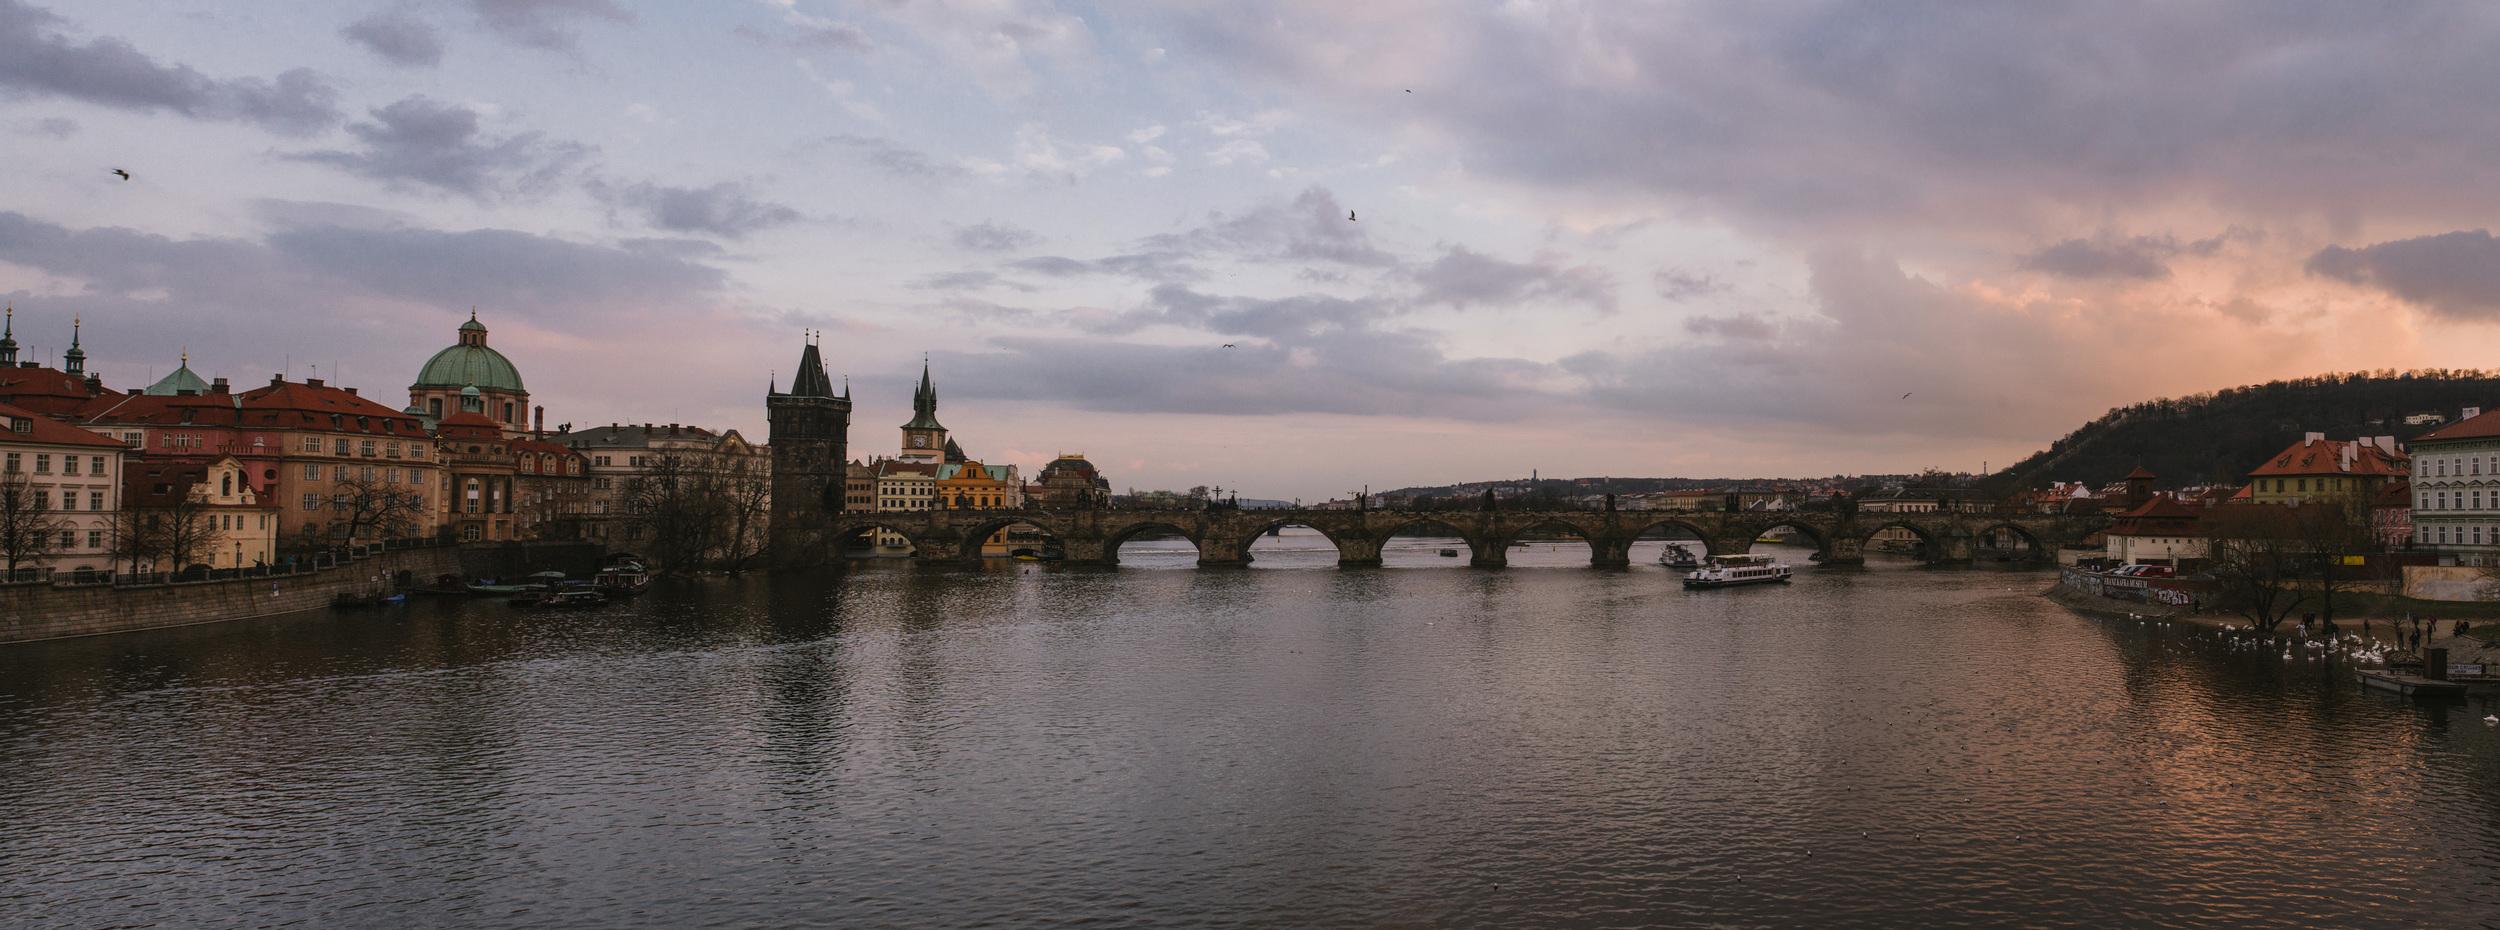 Prague_pano.jpg